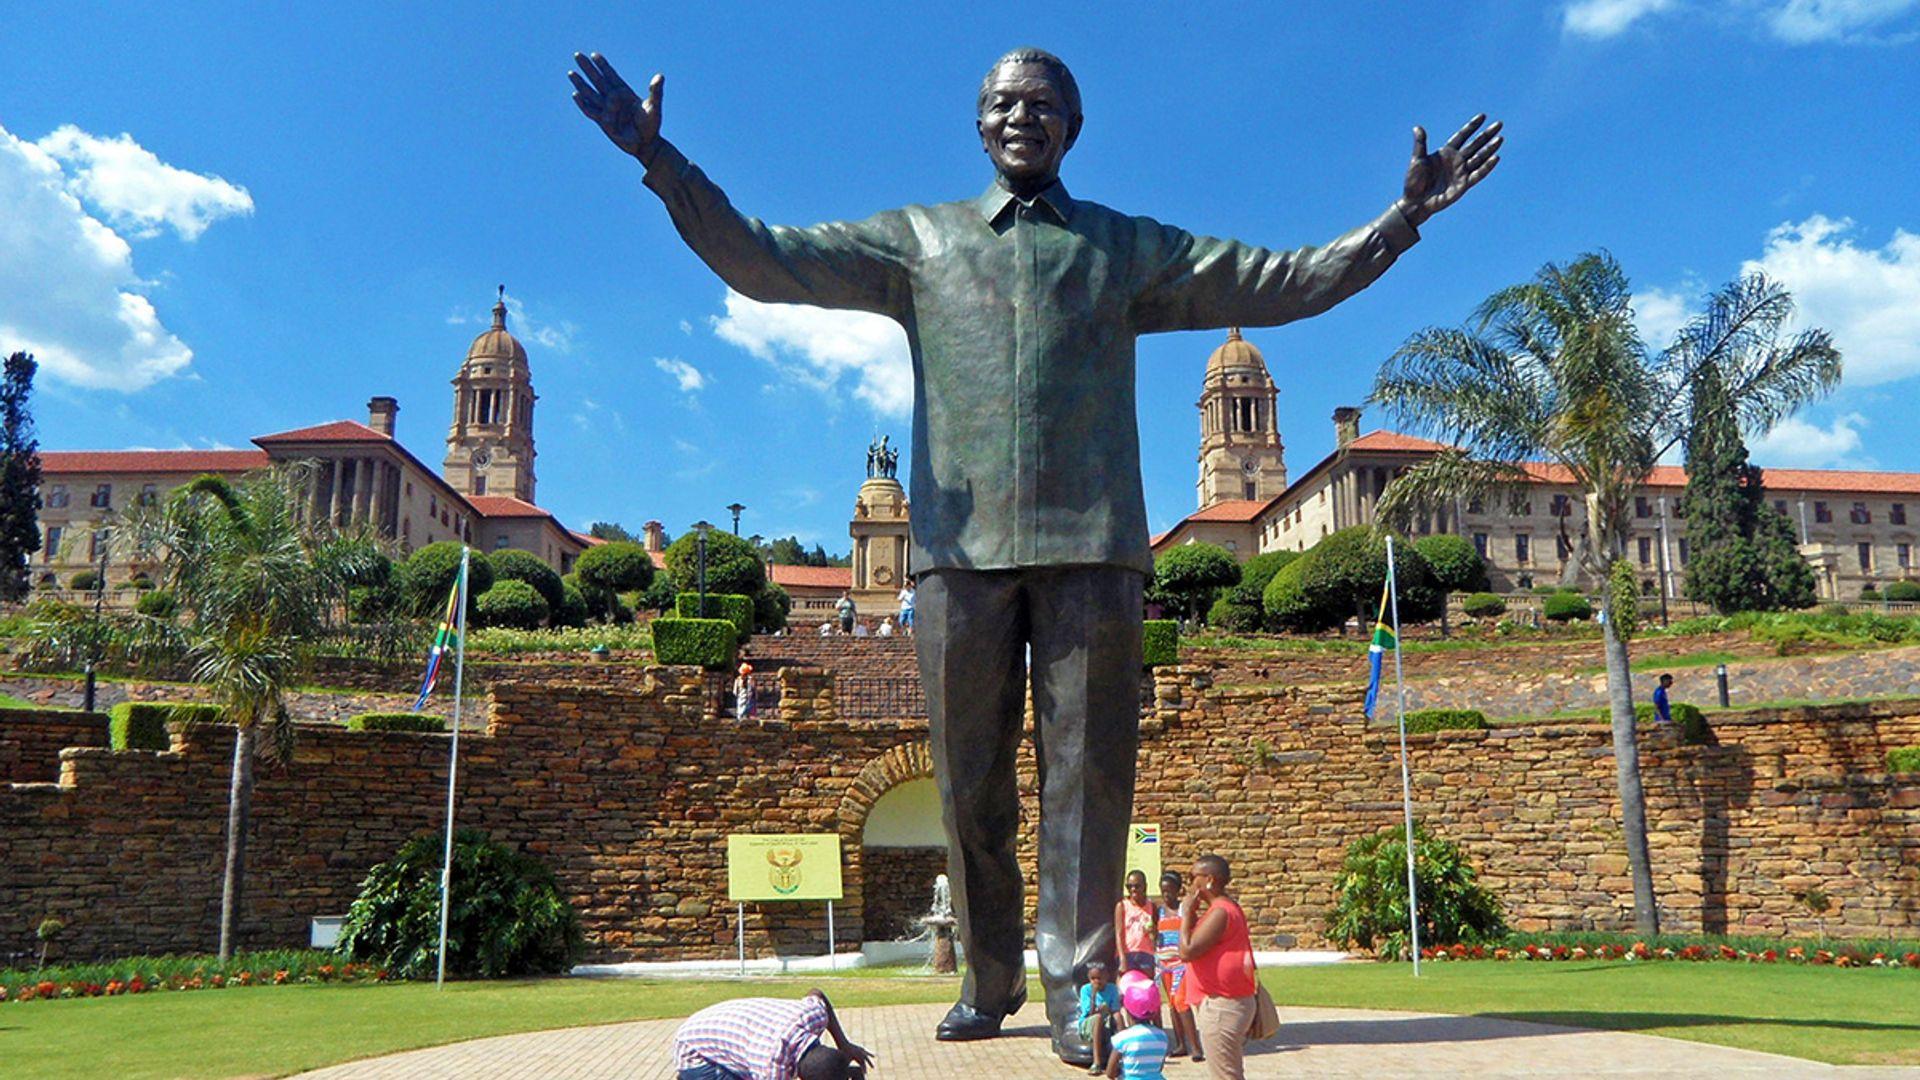 Circuit de grup - Discover Africa de Sud, 11 zile - ianuarie 2022